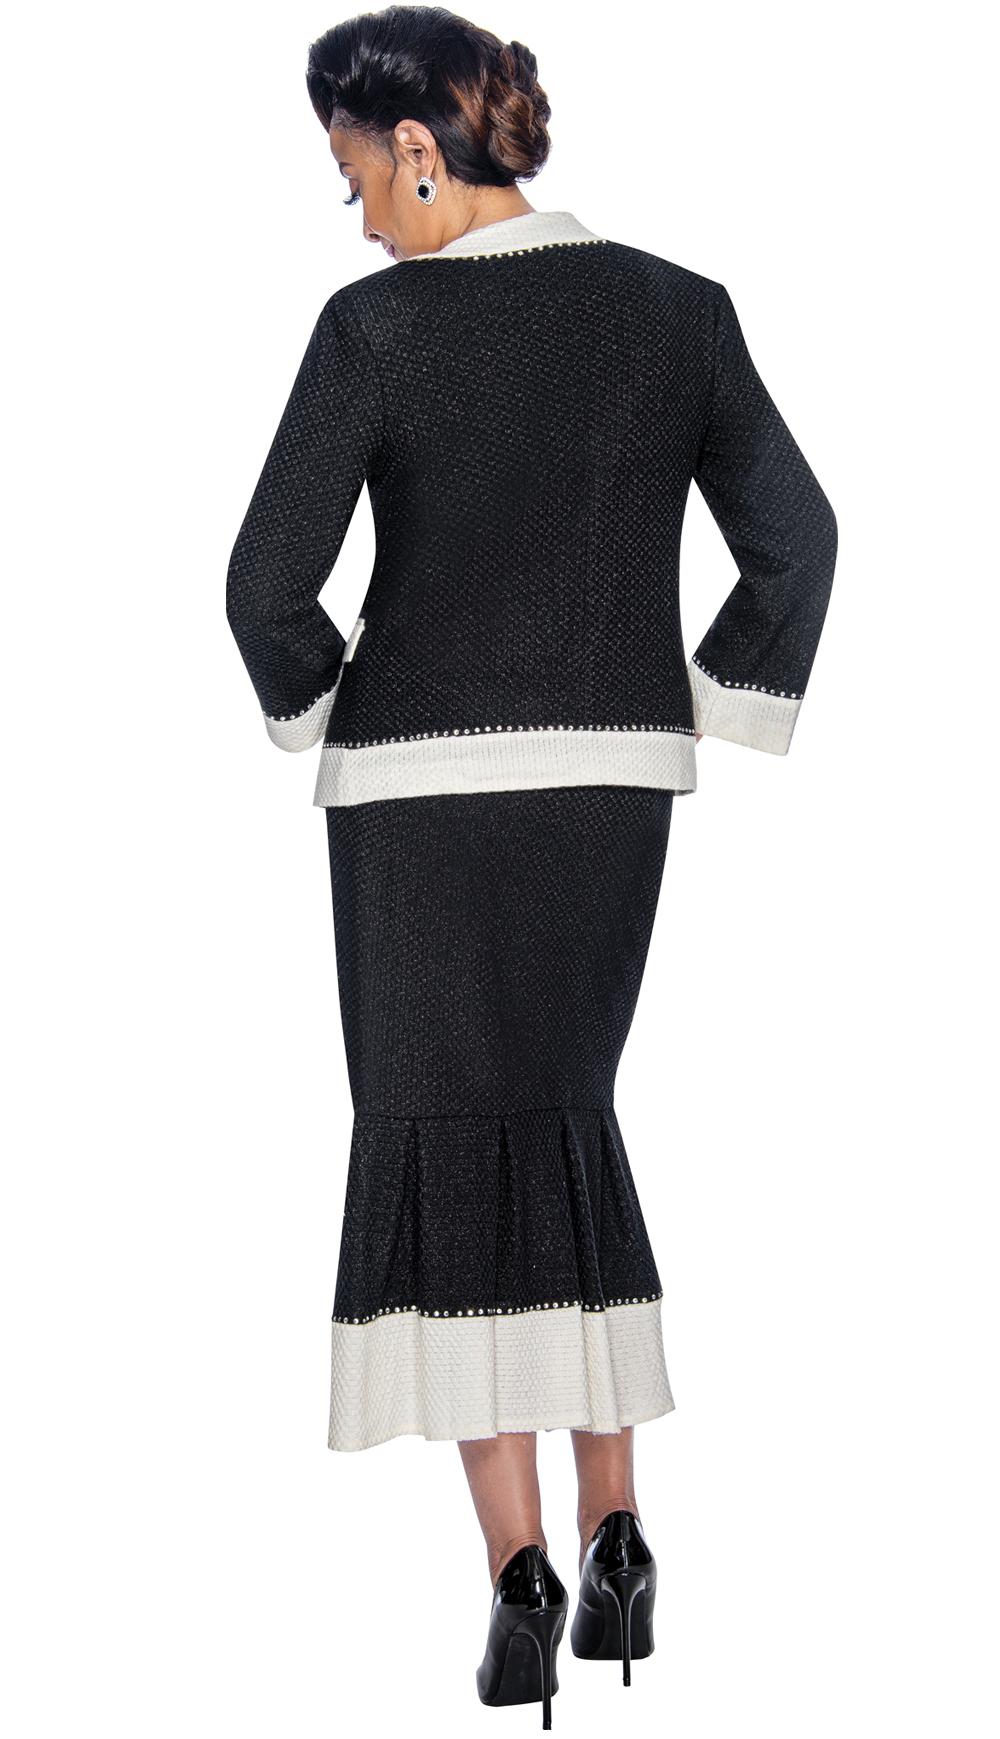 Dorinda Clark-Cole Suit 1883-BW